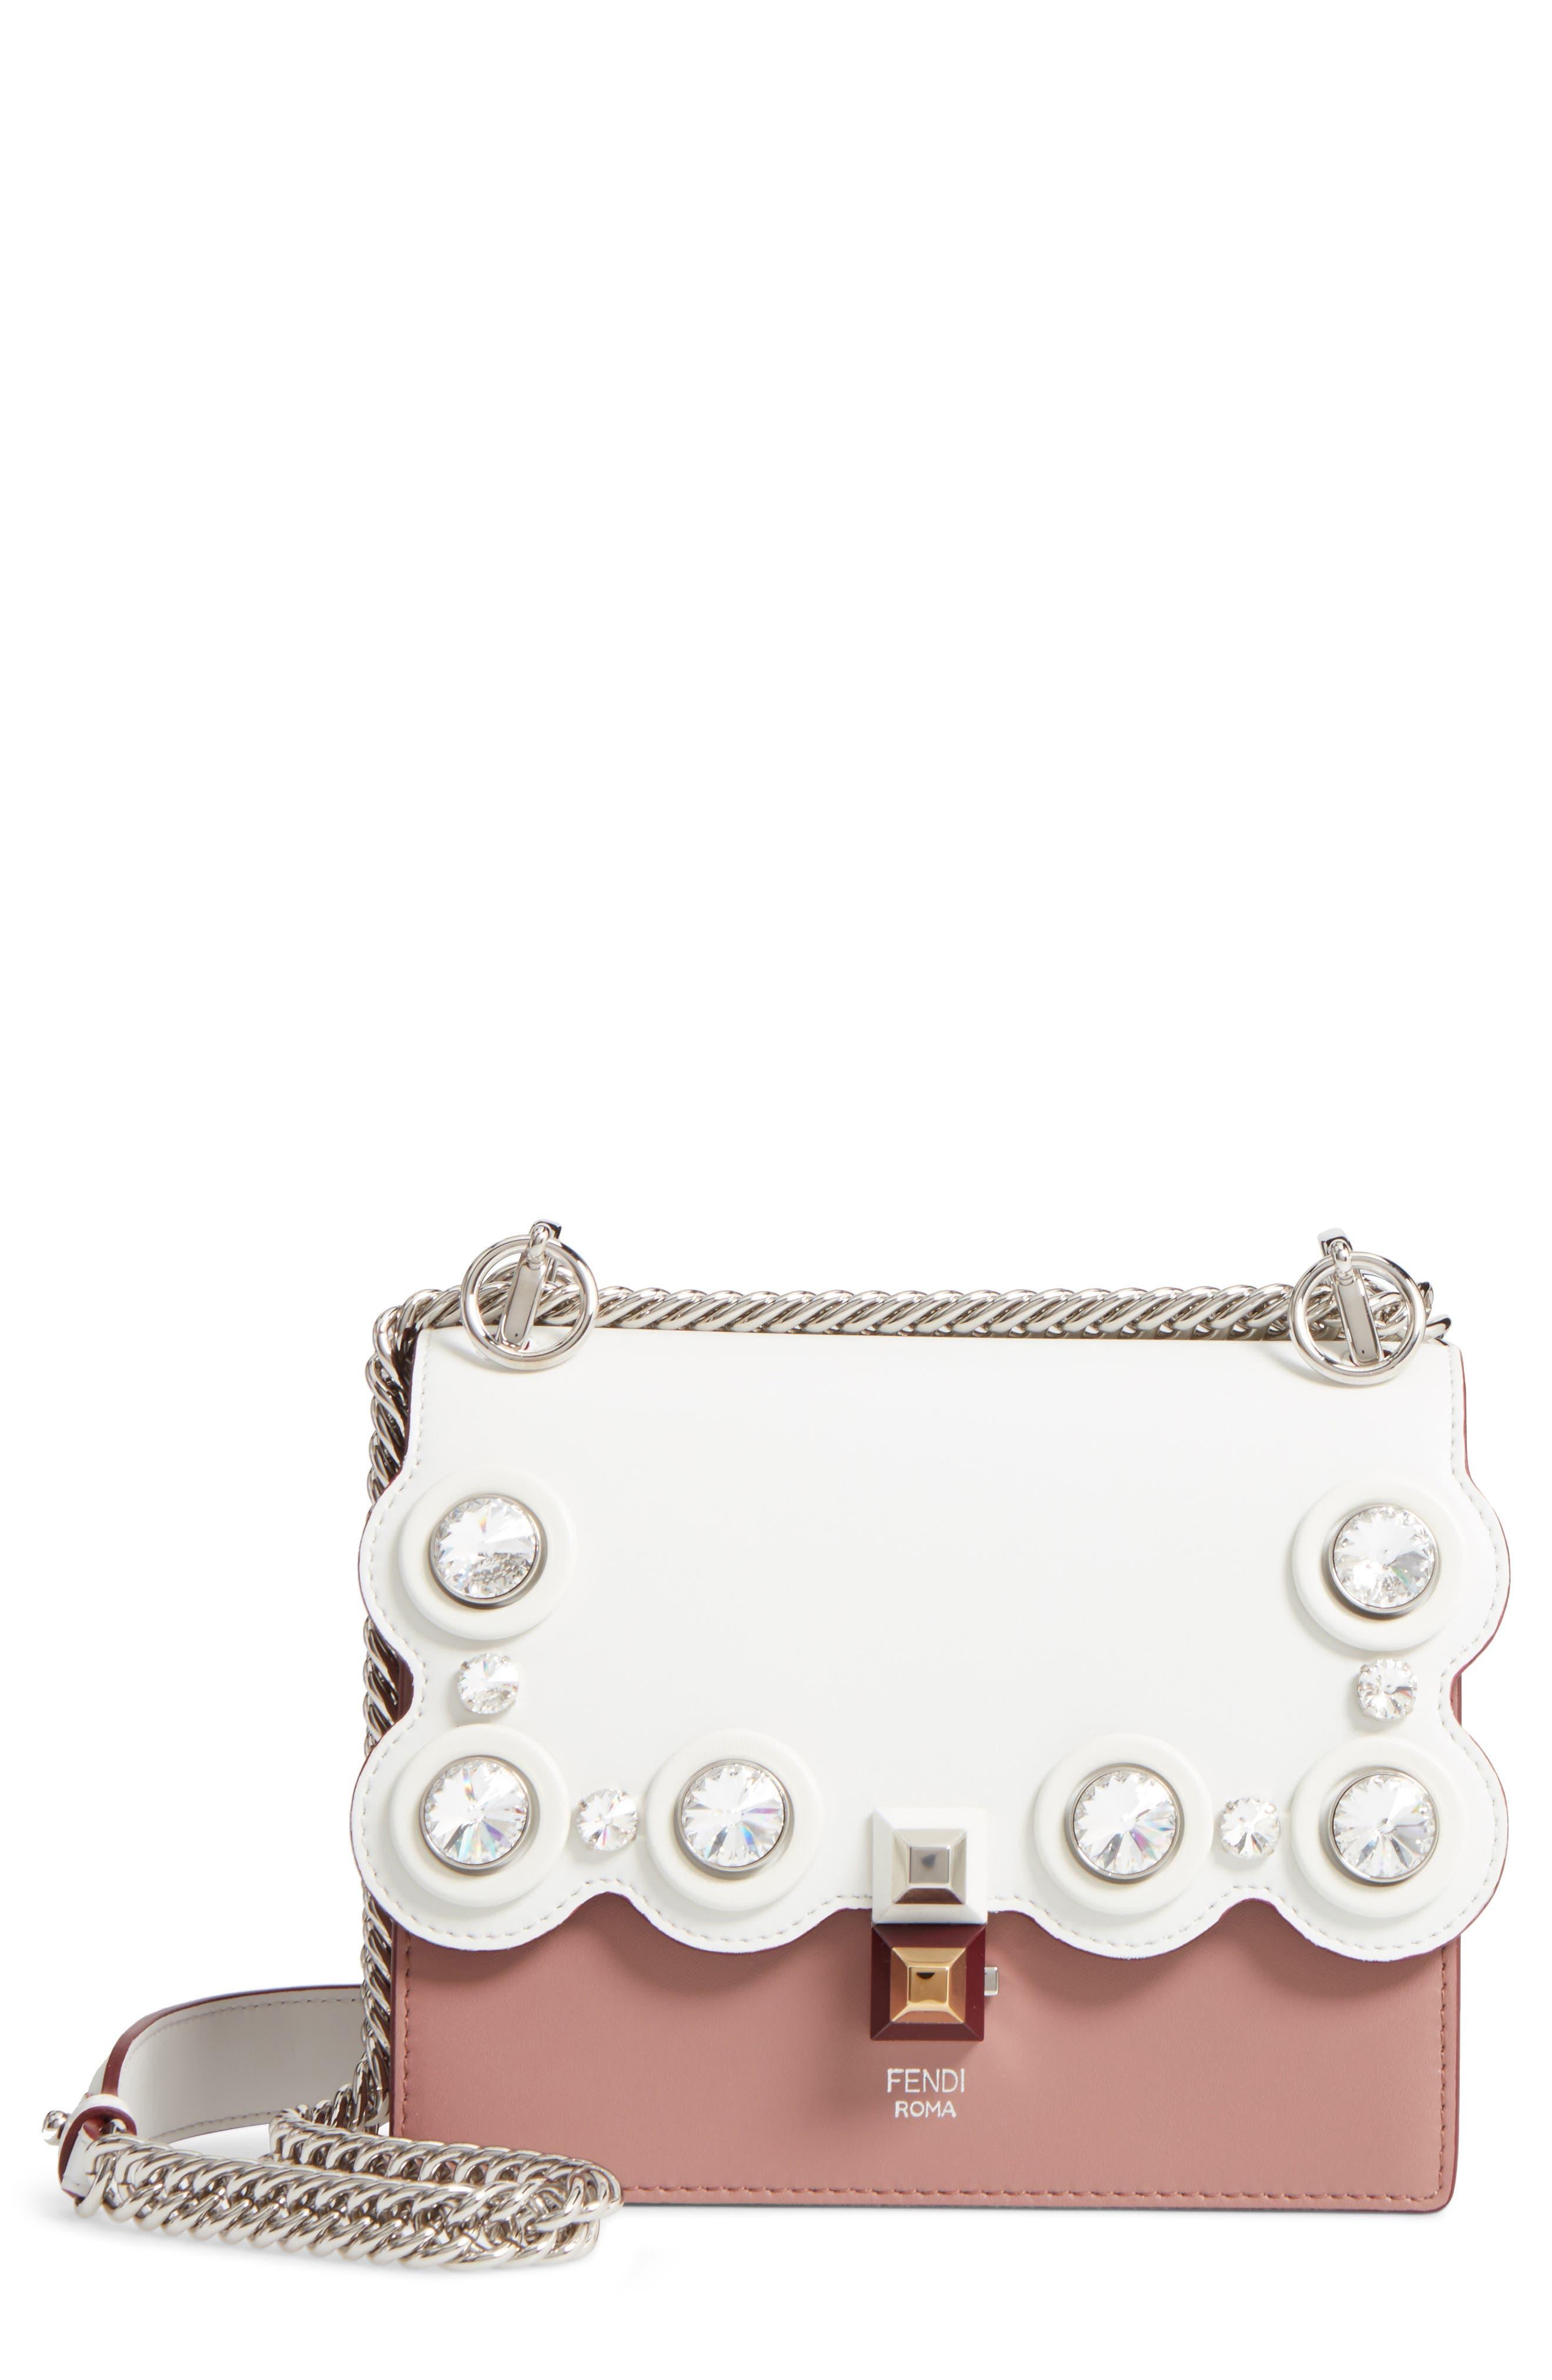 Fendi Small Kan I Crystal Stud Calfskin Shoulder Bag